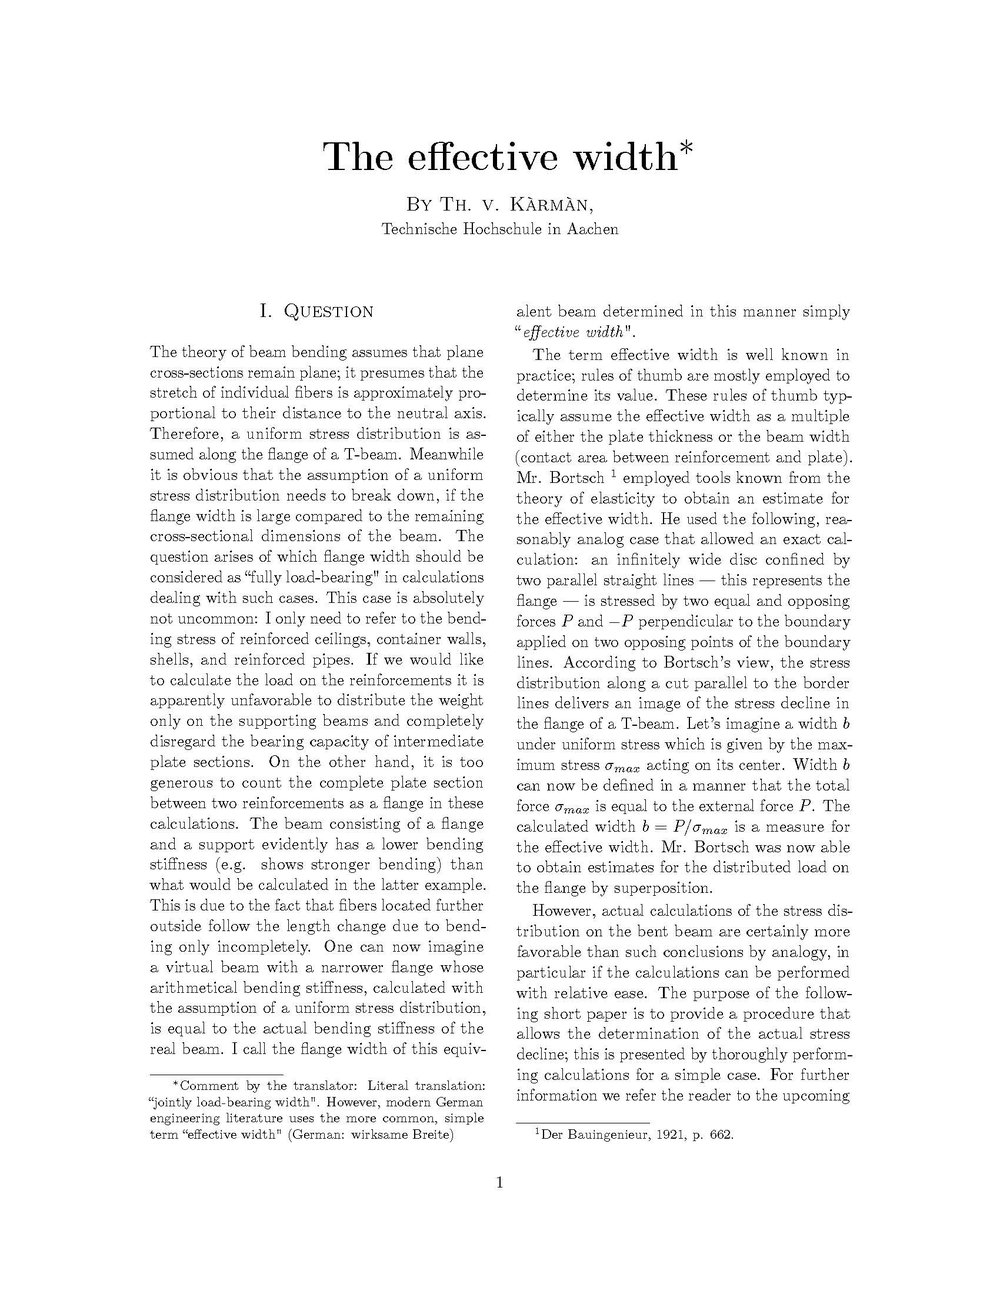 Die mittragende Breite EN_Page_1.jpg